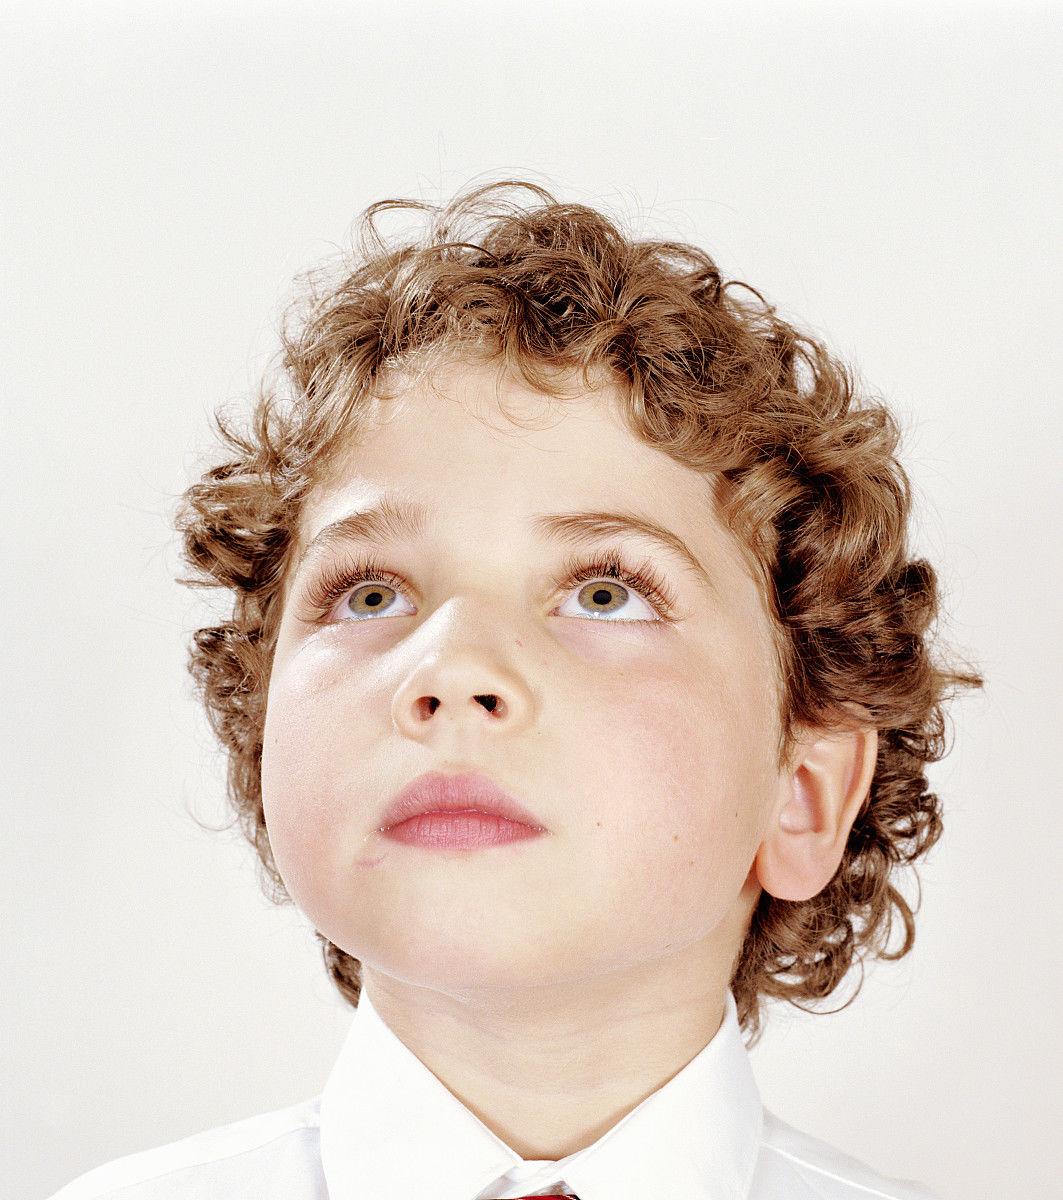 小学生,男生,一个人,室内,影棚拍摄,发型,卷发,棕色头发,儿童,仅儿童图片